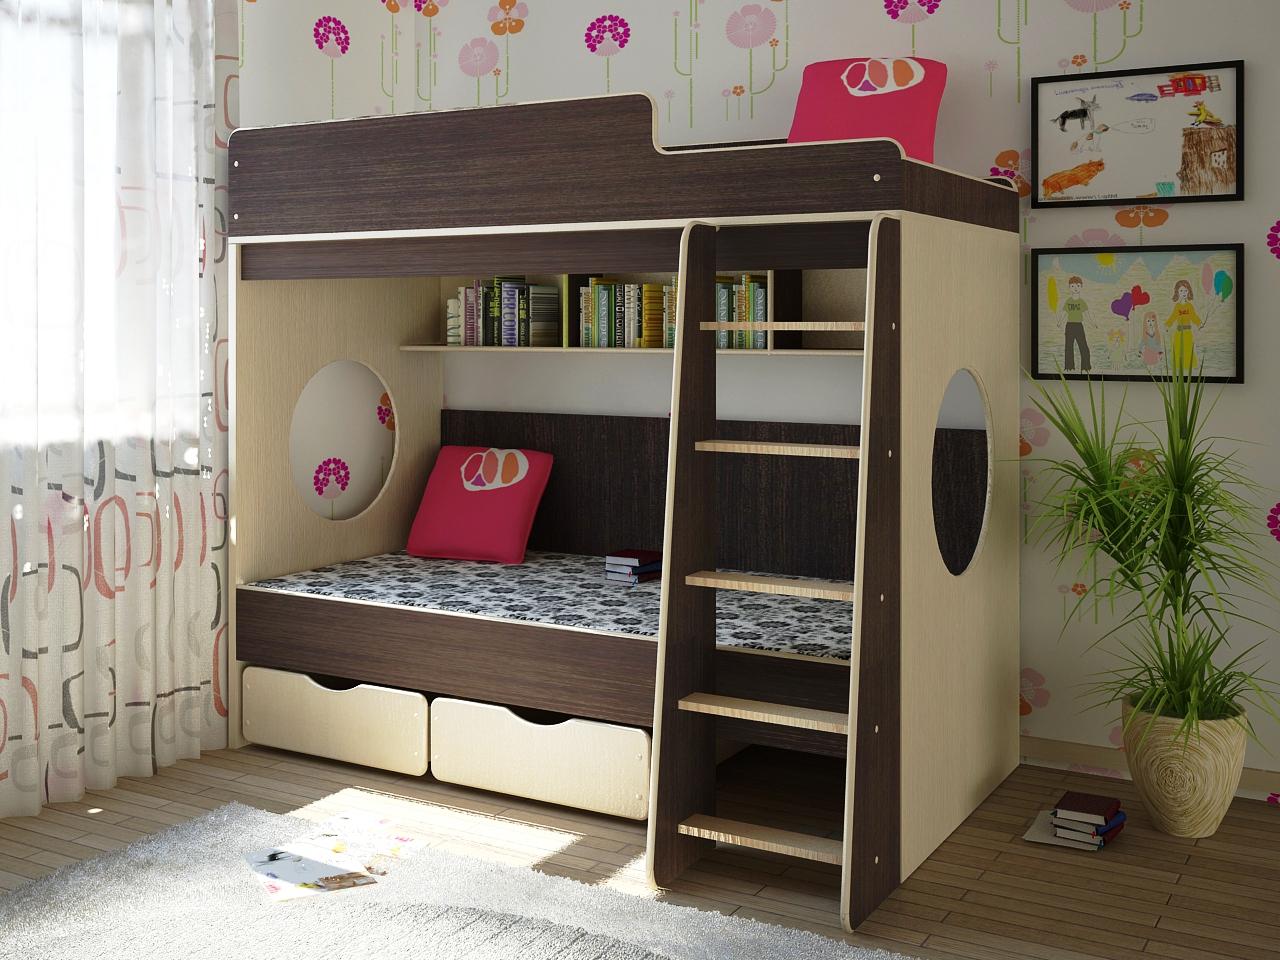 Современная двухэтажная мебель для двух детей